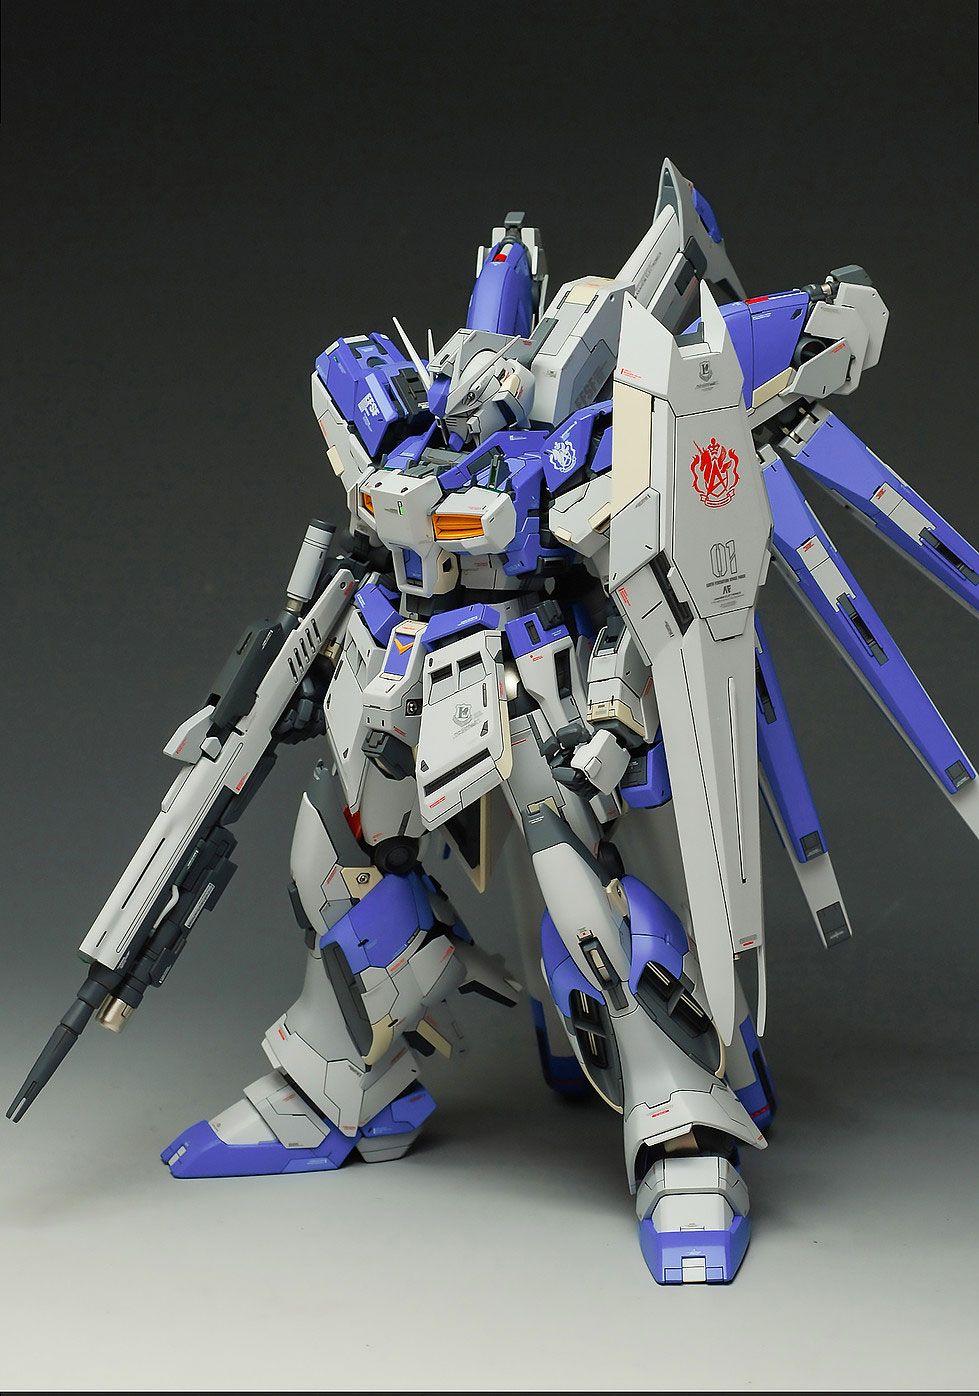 Custom Build Mg 1100 Rx93 Nu Gundam Ver Ka T Rx 93 V Master Grade Daban Model 1 100 Hi Detailed Kits Collection News And Reviews